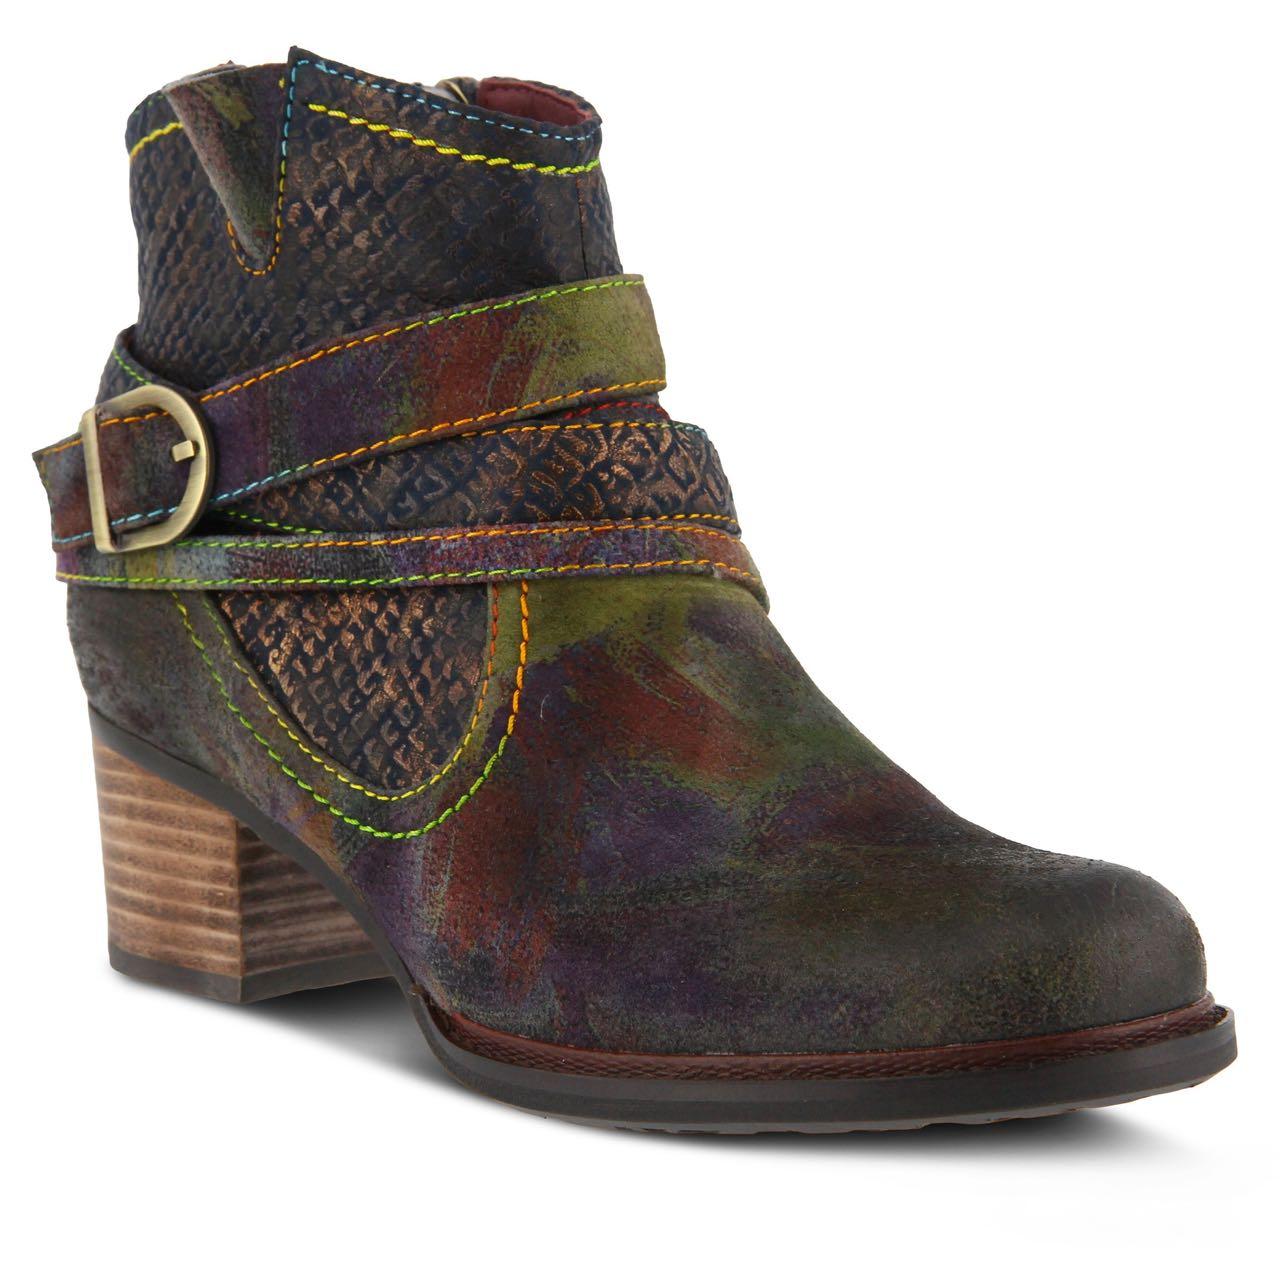 L'Artiste Boots Shizzam